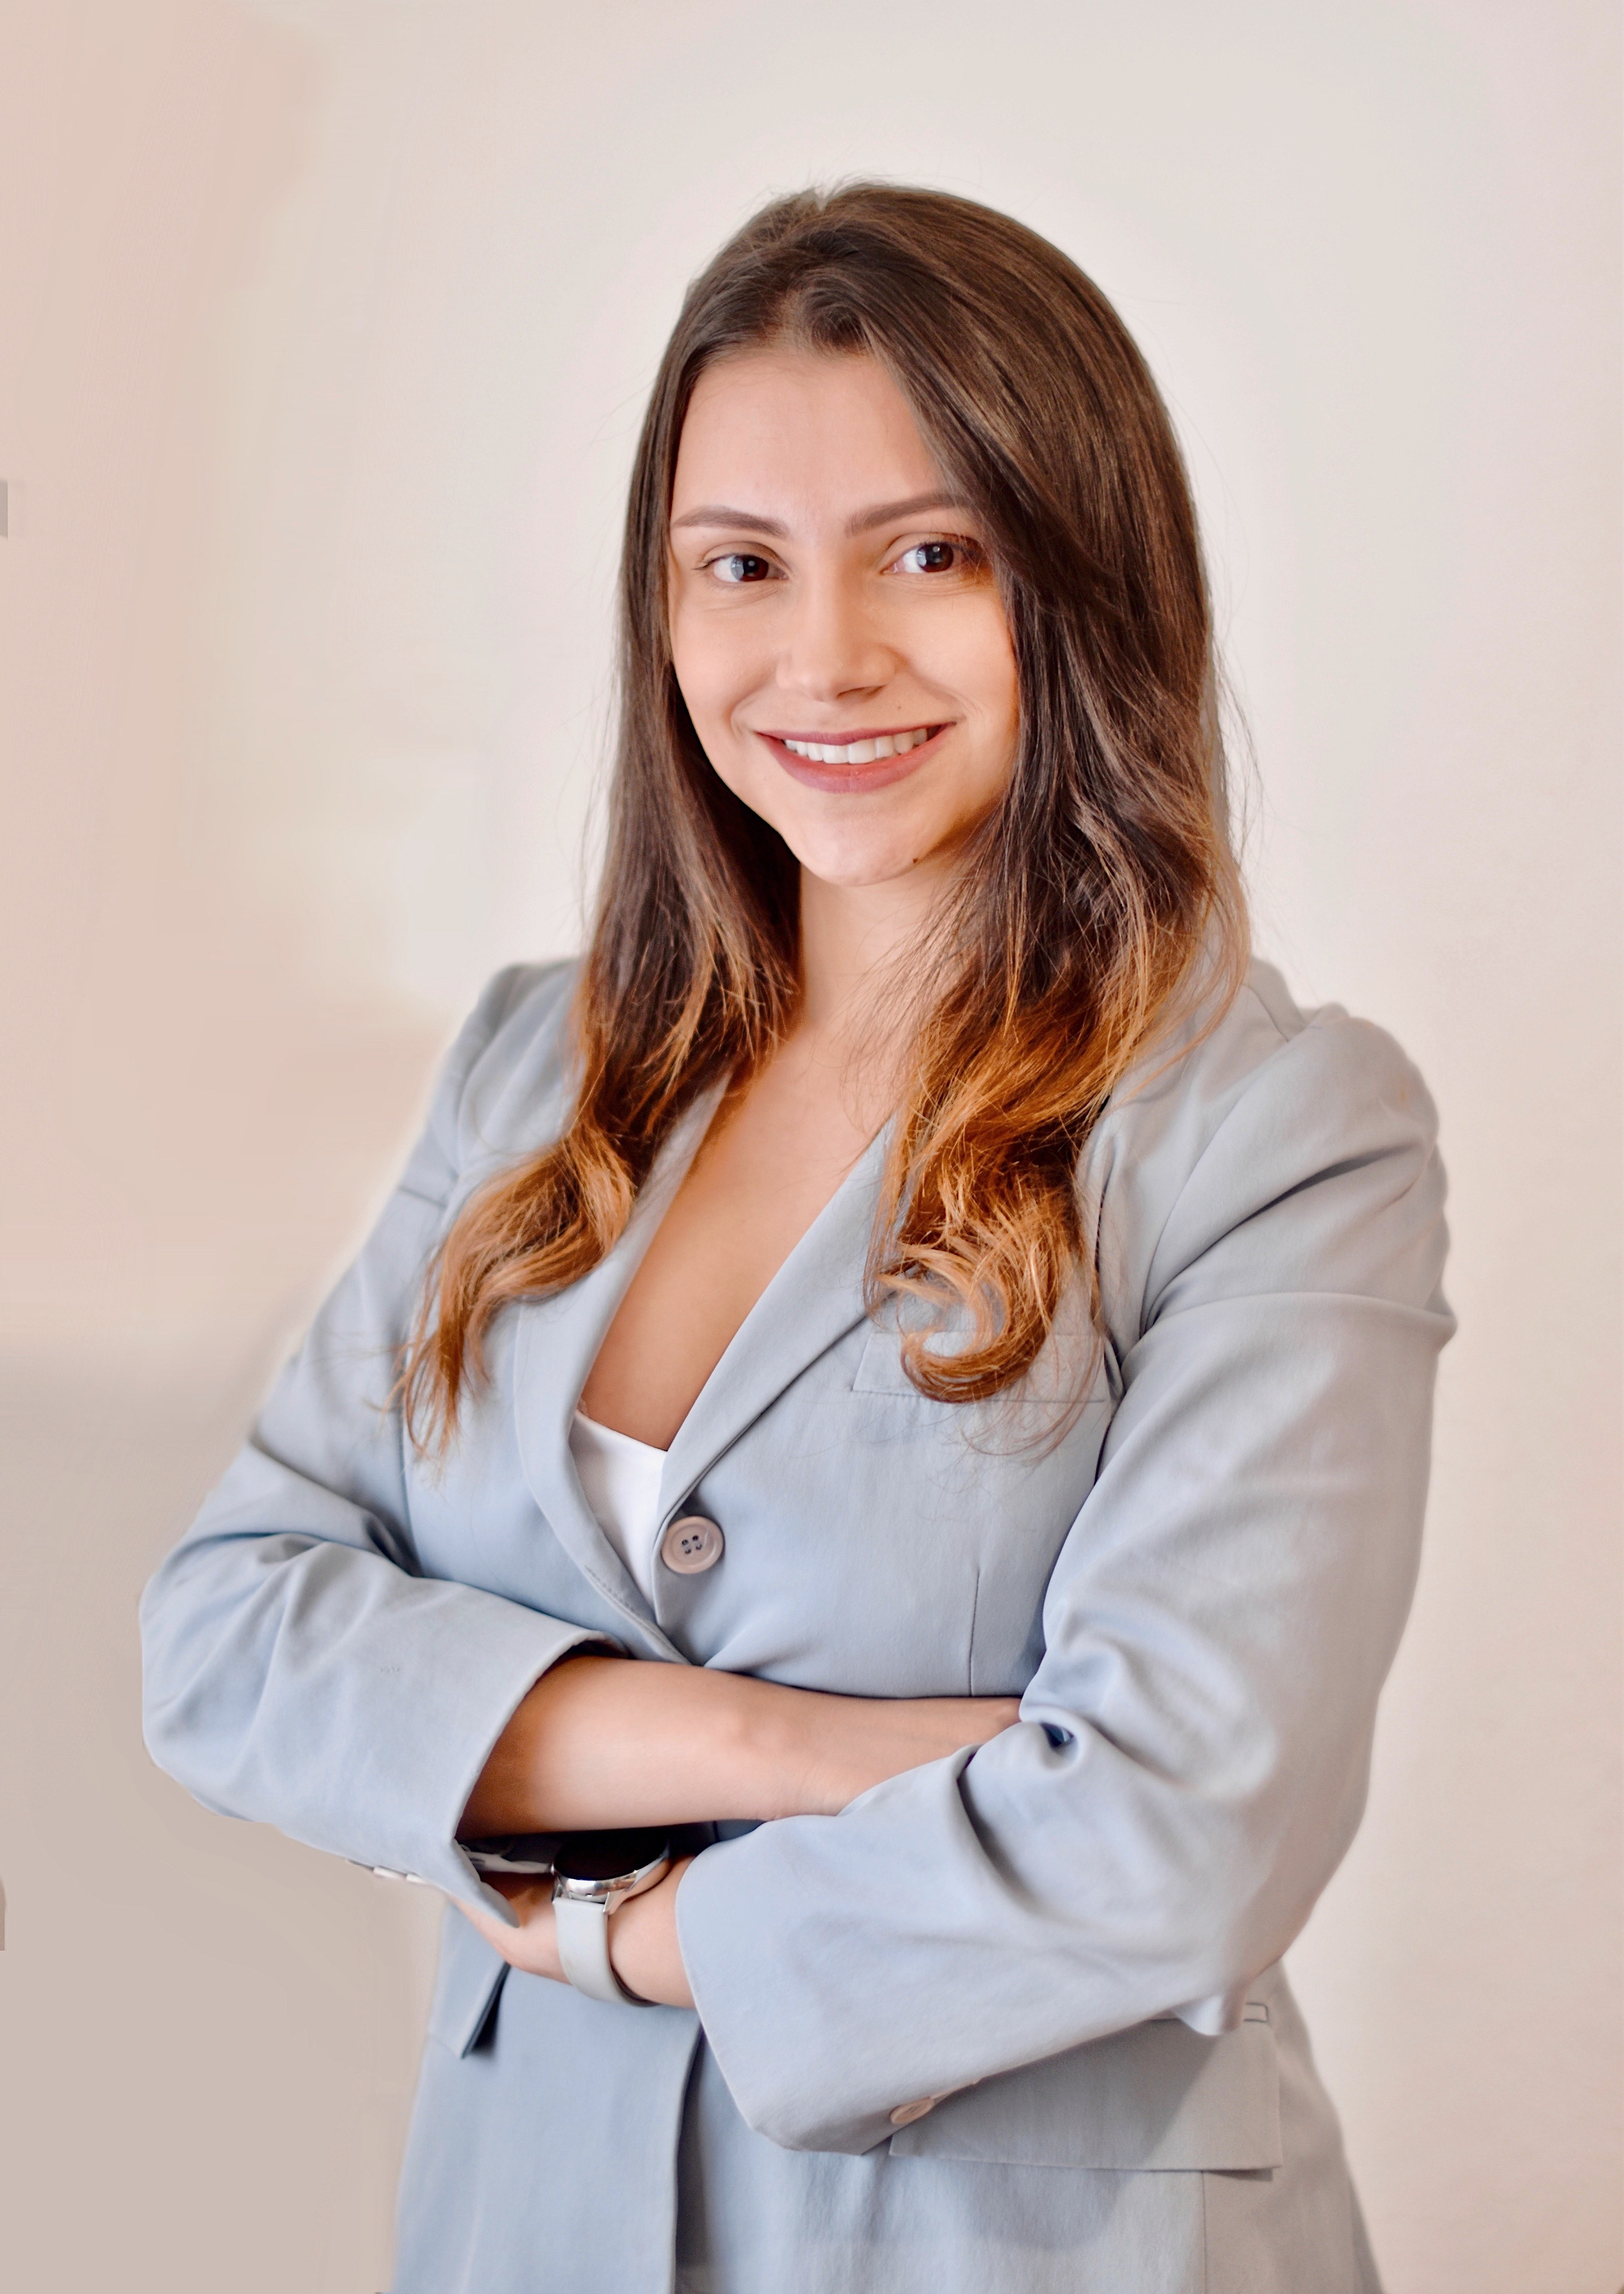 Ana Laura Camacho Cerdas